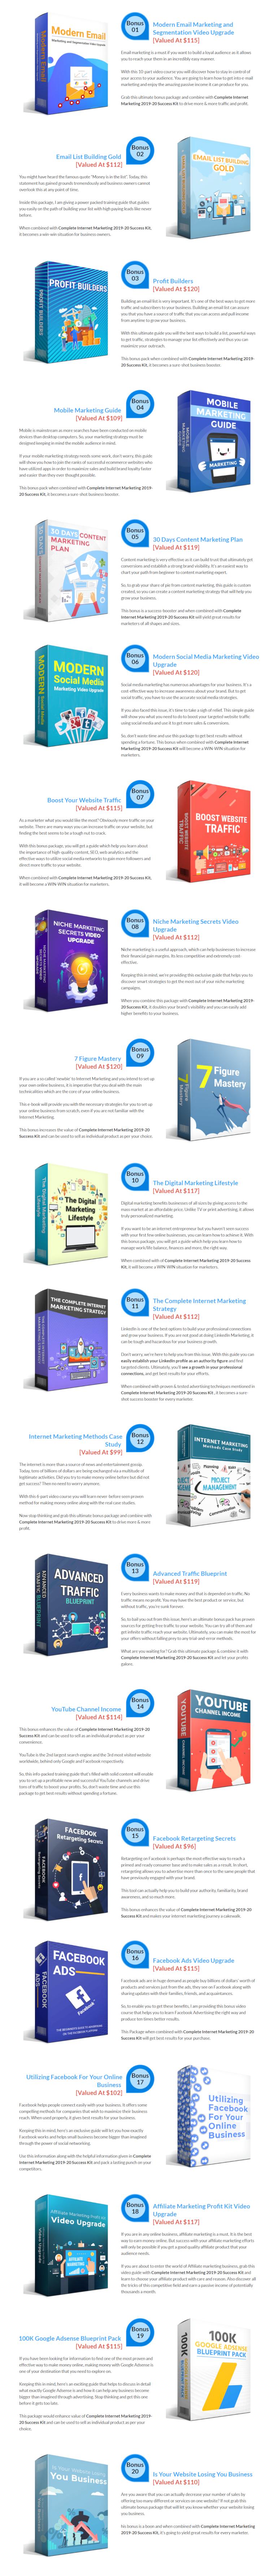 Complete Internet Marketing 2019-20 Success Kit PLR Bonuses